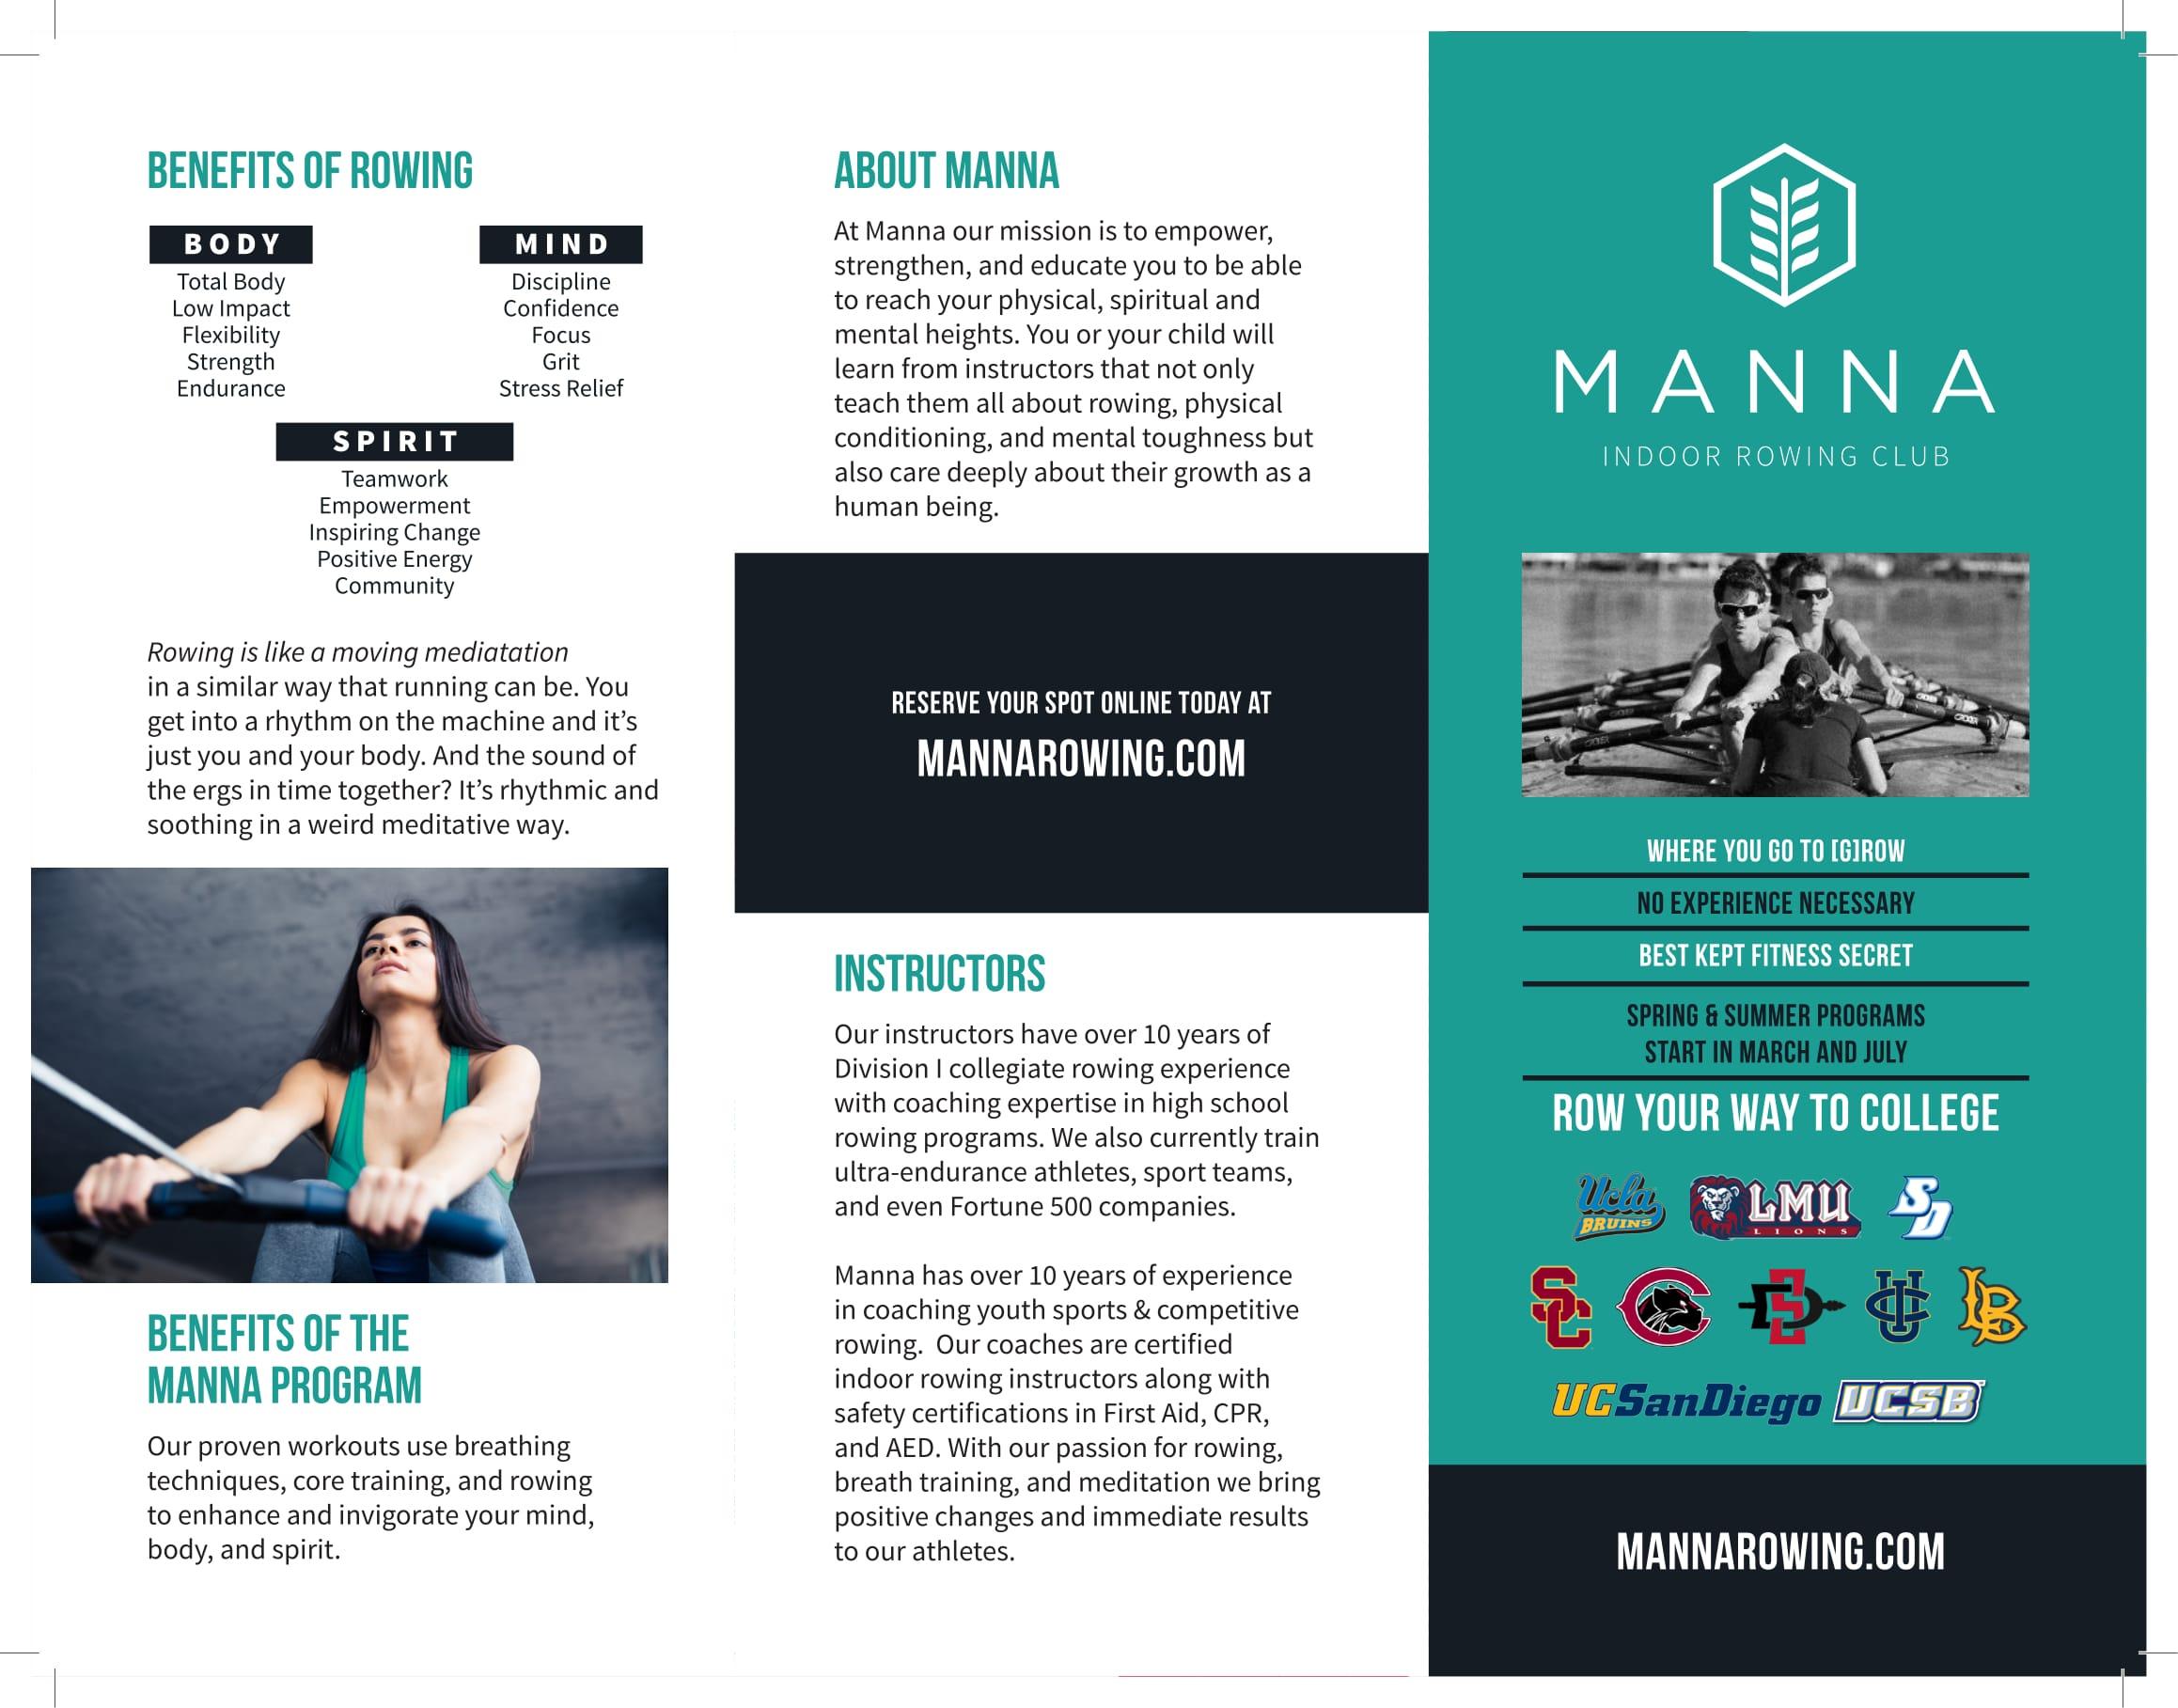 Manna_TrifoldBrochure_HighSchool_F-1.jpg